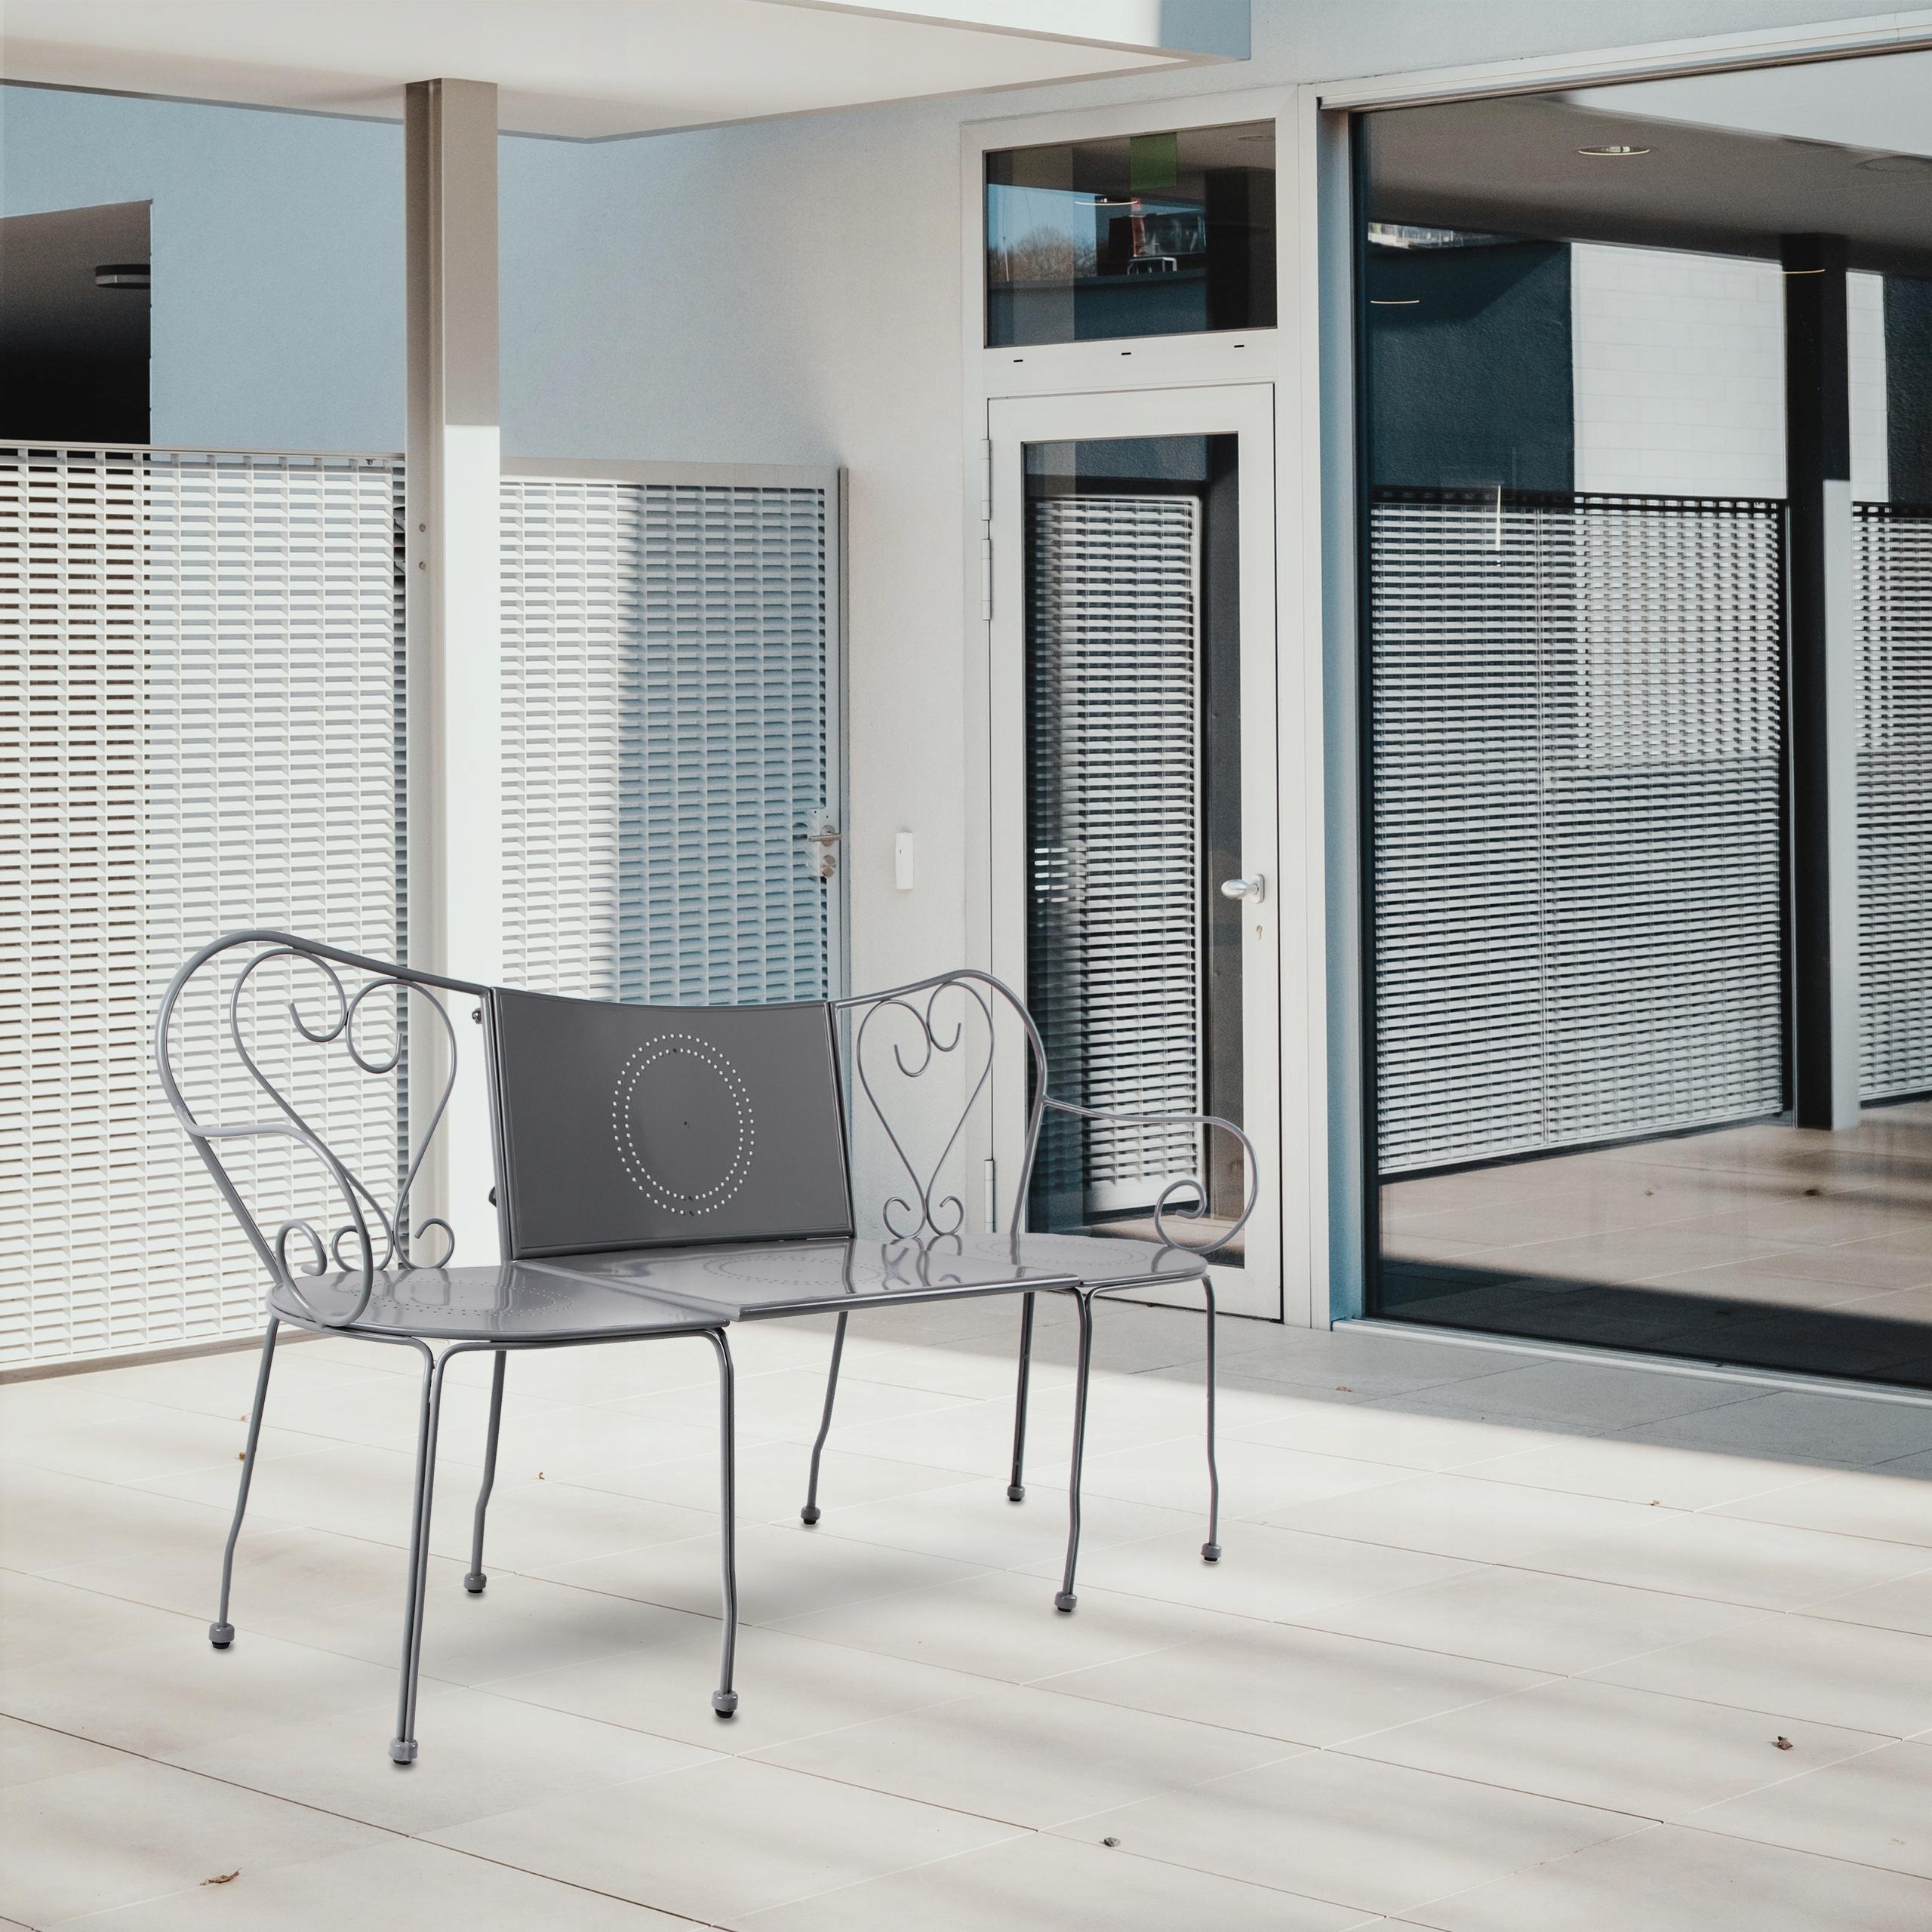 Záhradný nábytok Sada stoličkových stoličiek 3v1 Účelná kávová súprava